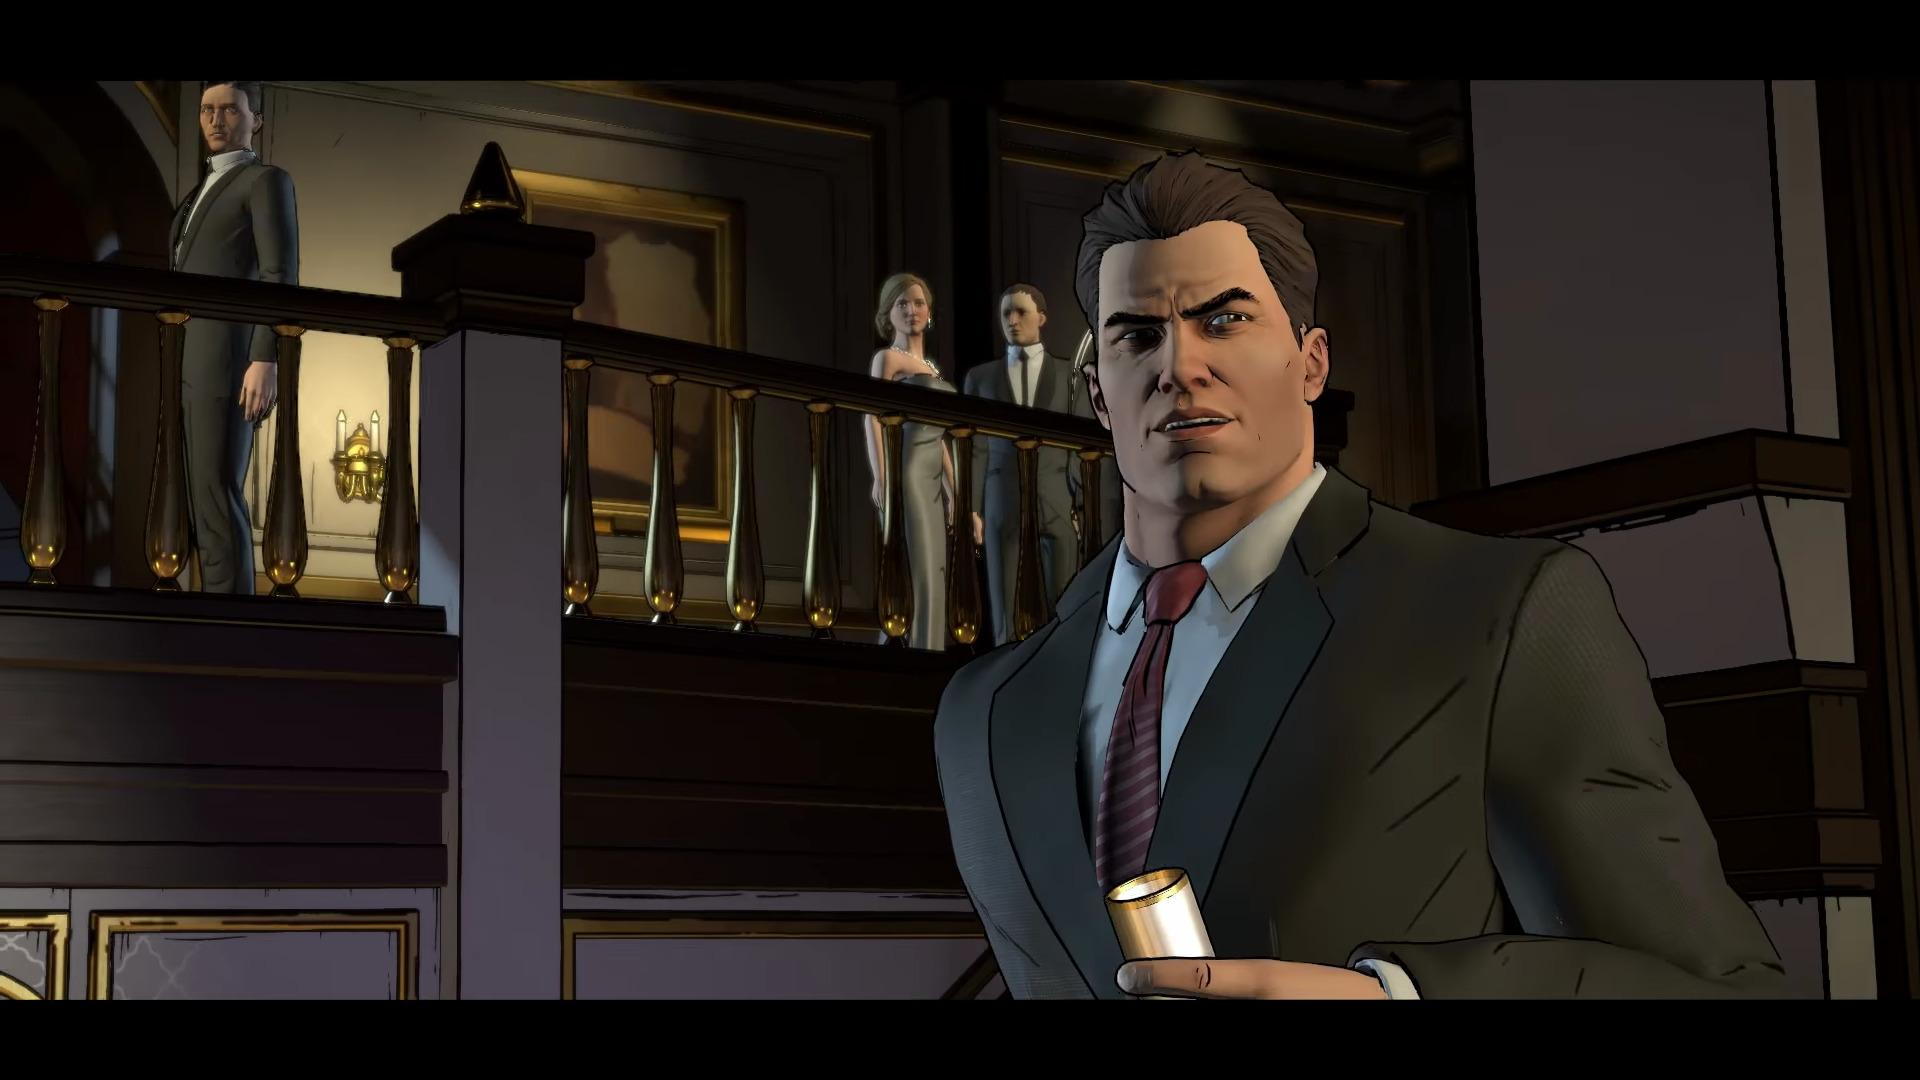 Batman: The Telltale Series Will Feature Telltale's First Multiplayer Mode